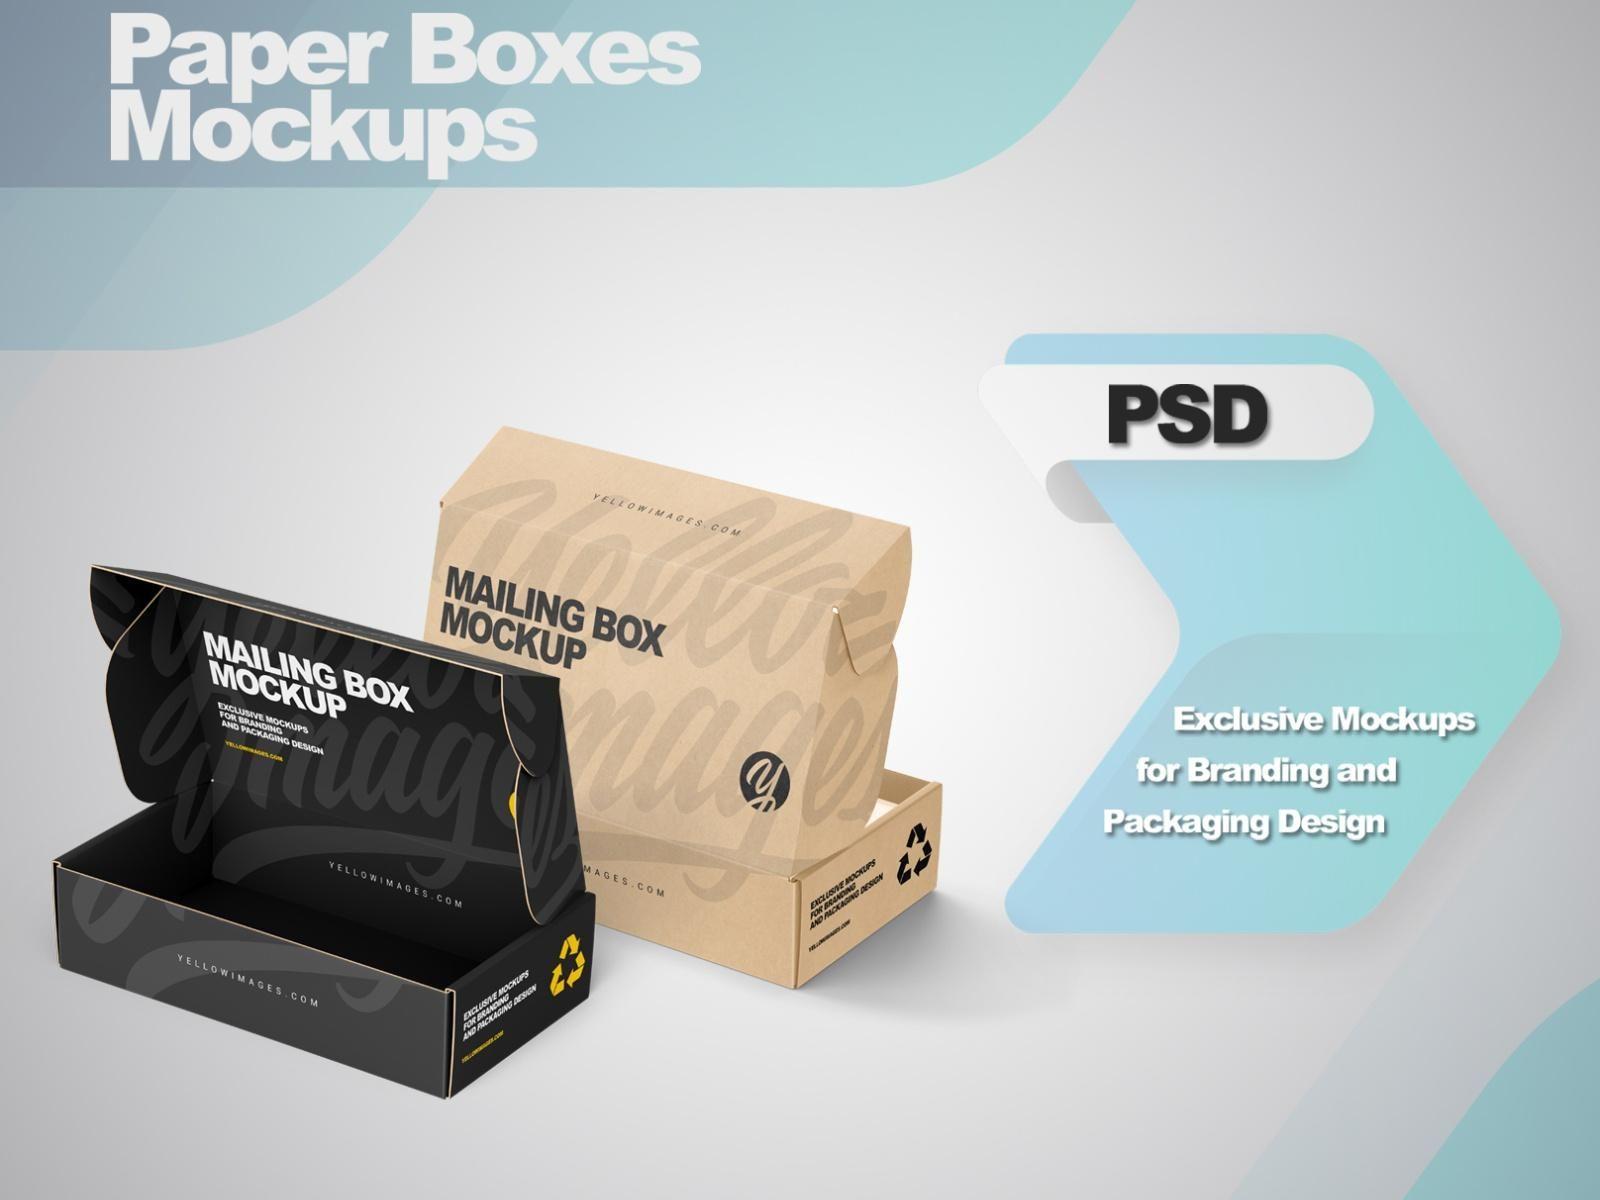 Download Label Design Mockup In 2020 Box Mockup Mockup Free Psd Logo Mockups Psd PSD Mockup Templates